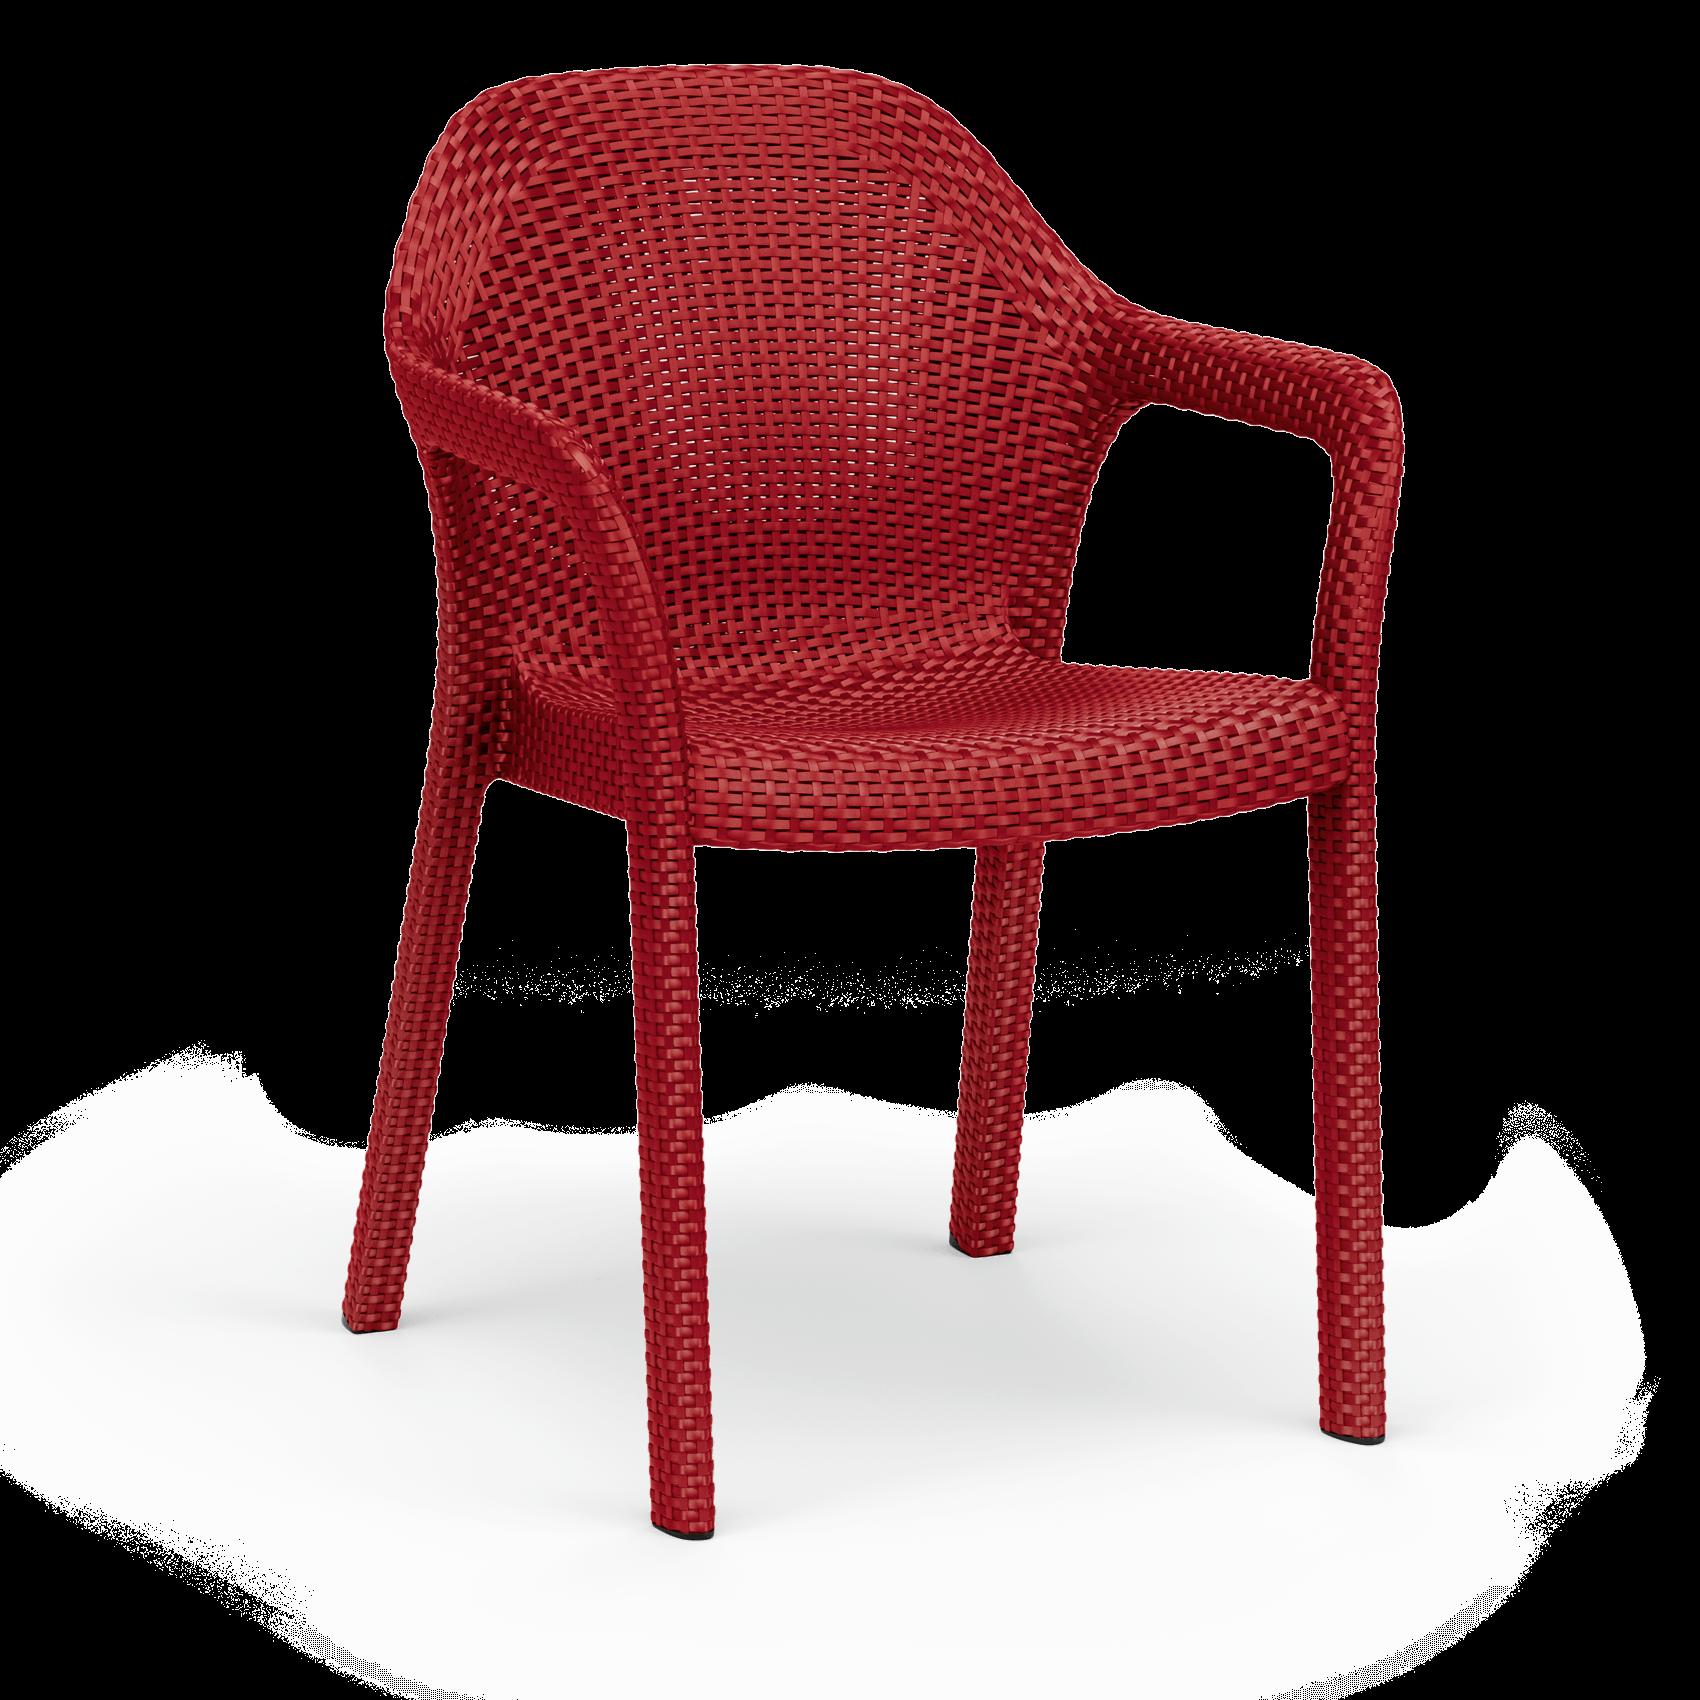 Στοιβαζόμενη καρέκλα scarlet red